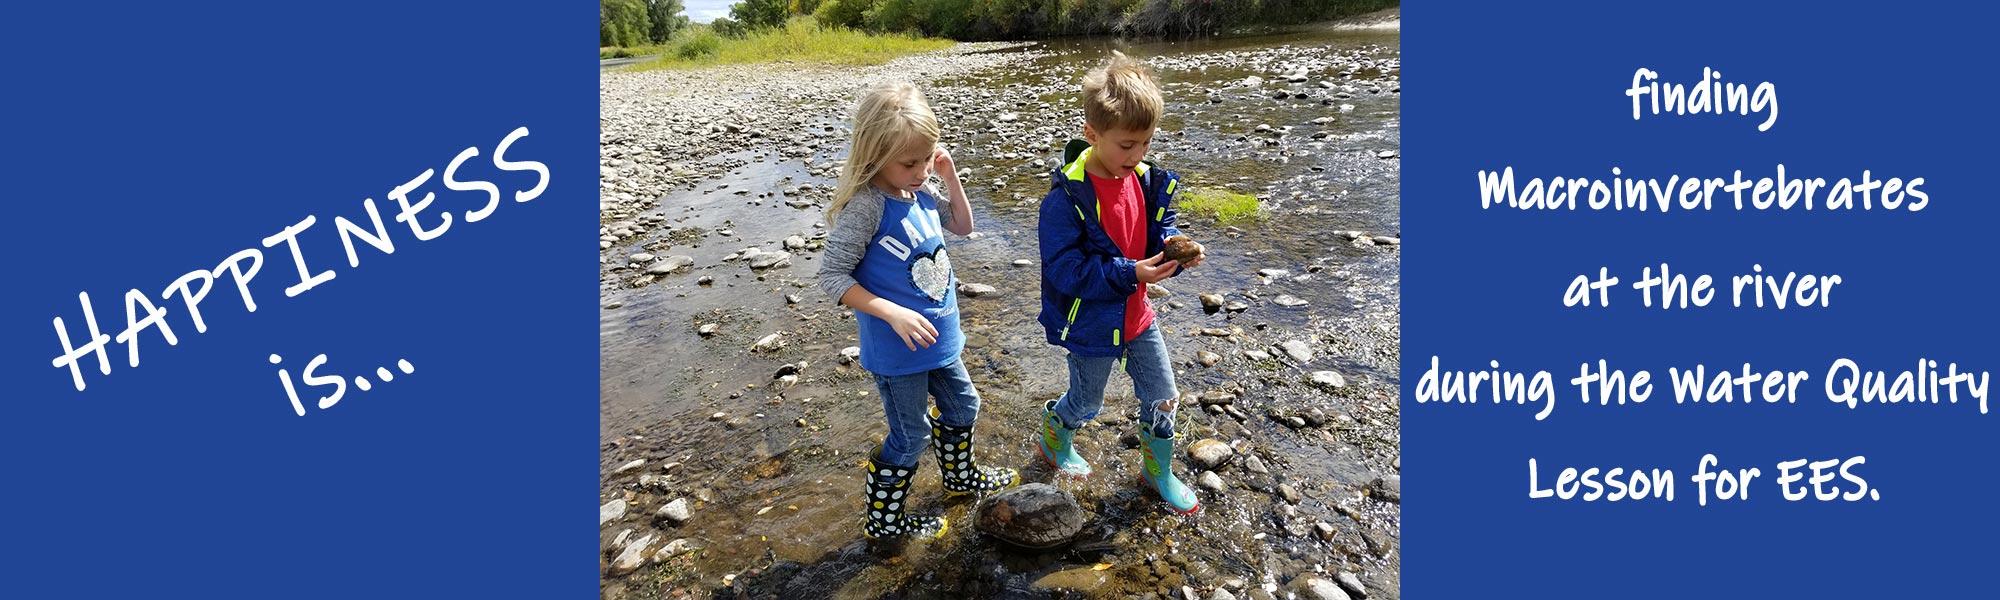 slide-kids-in-river